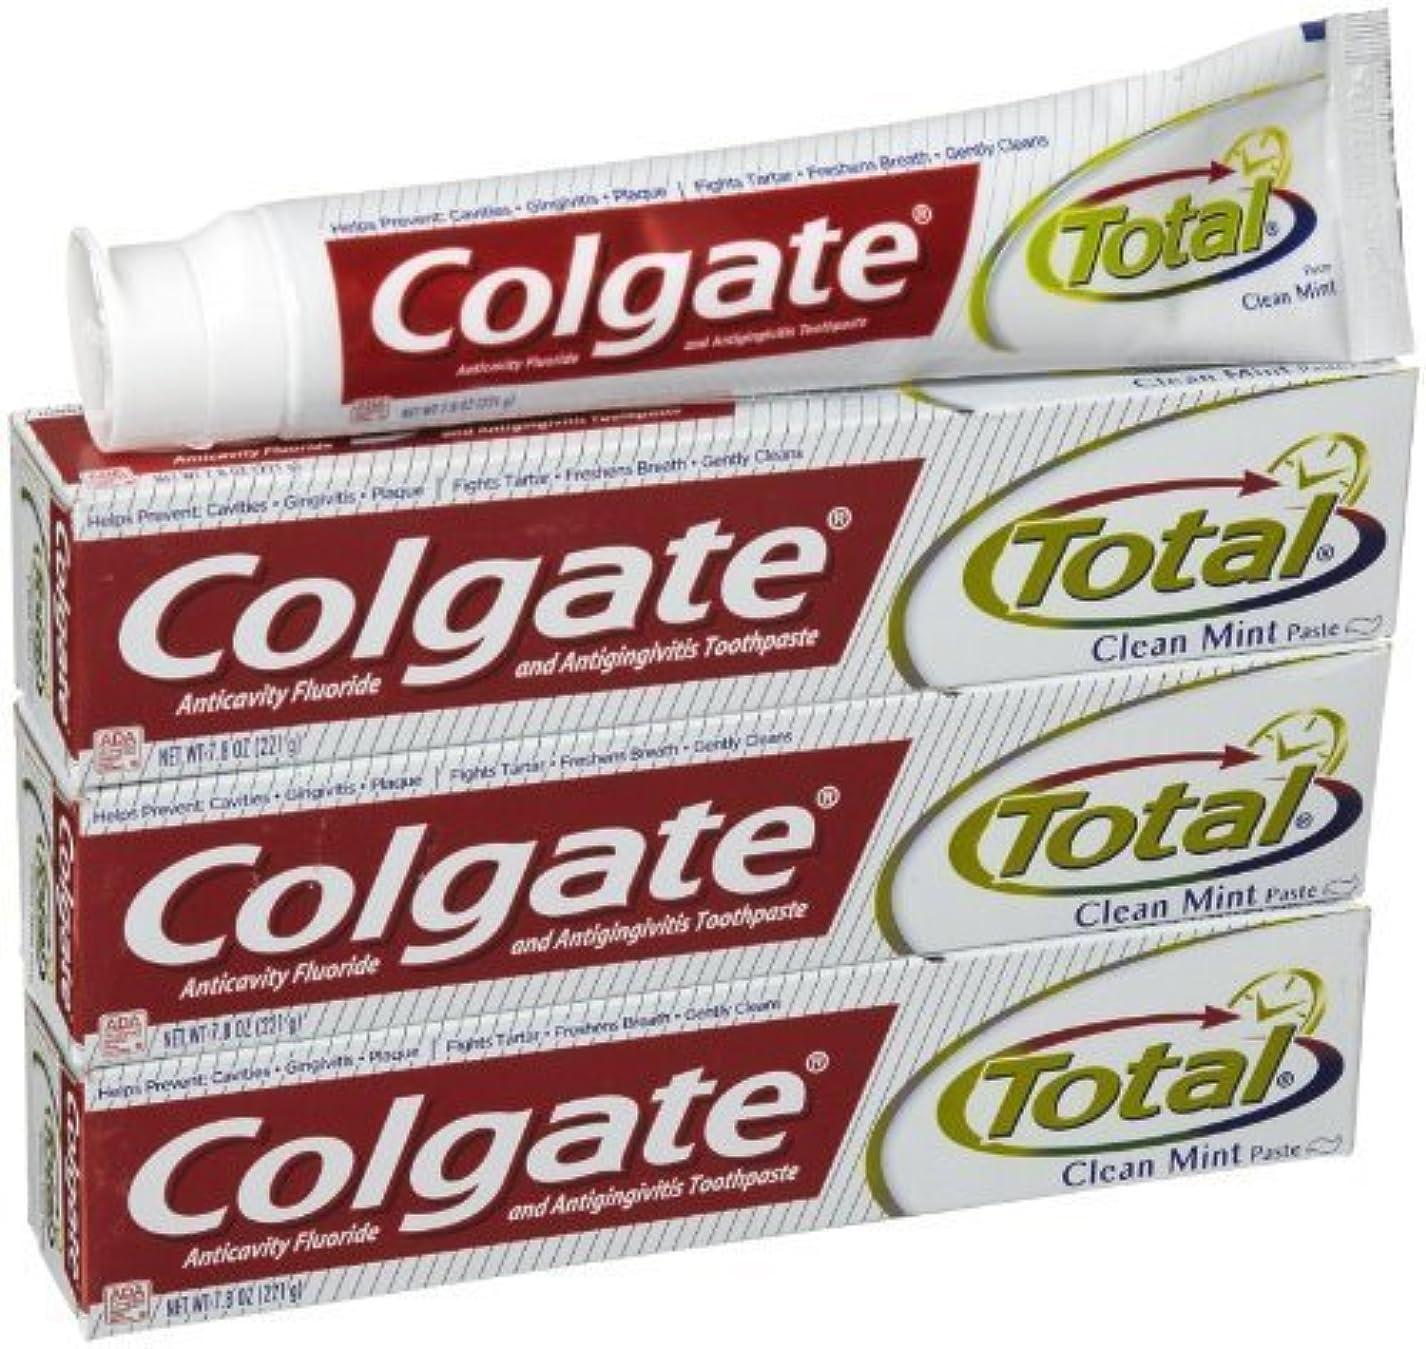 コルゲート クリーンミント 歯磨き粉 7.8OZ-3個 Colgate Total Original Toothpast Clean mint